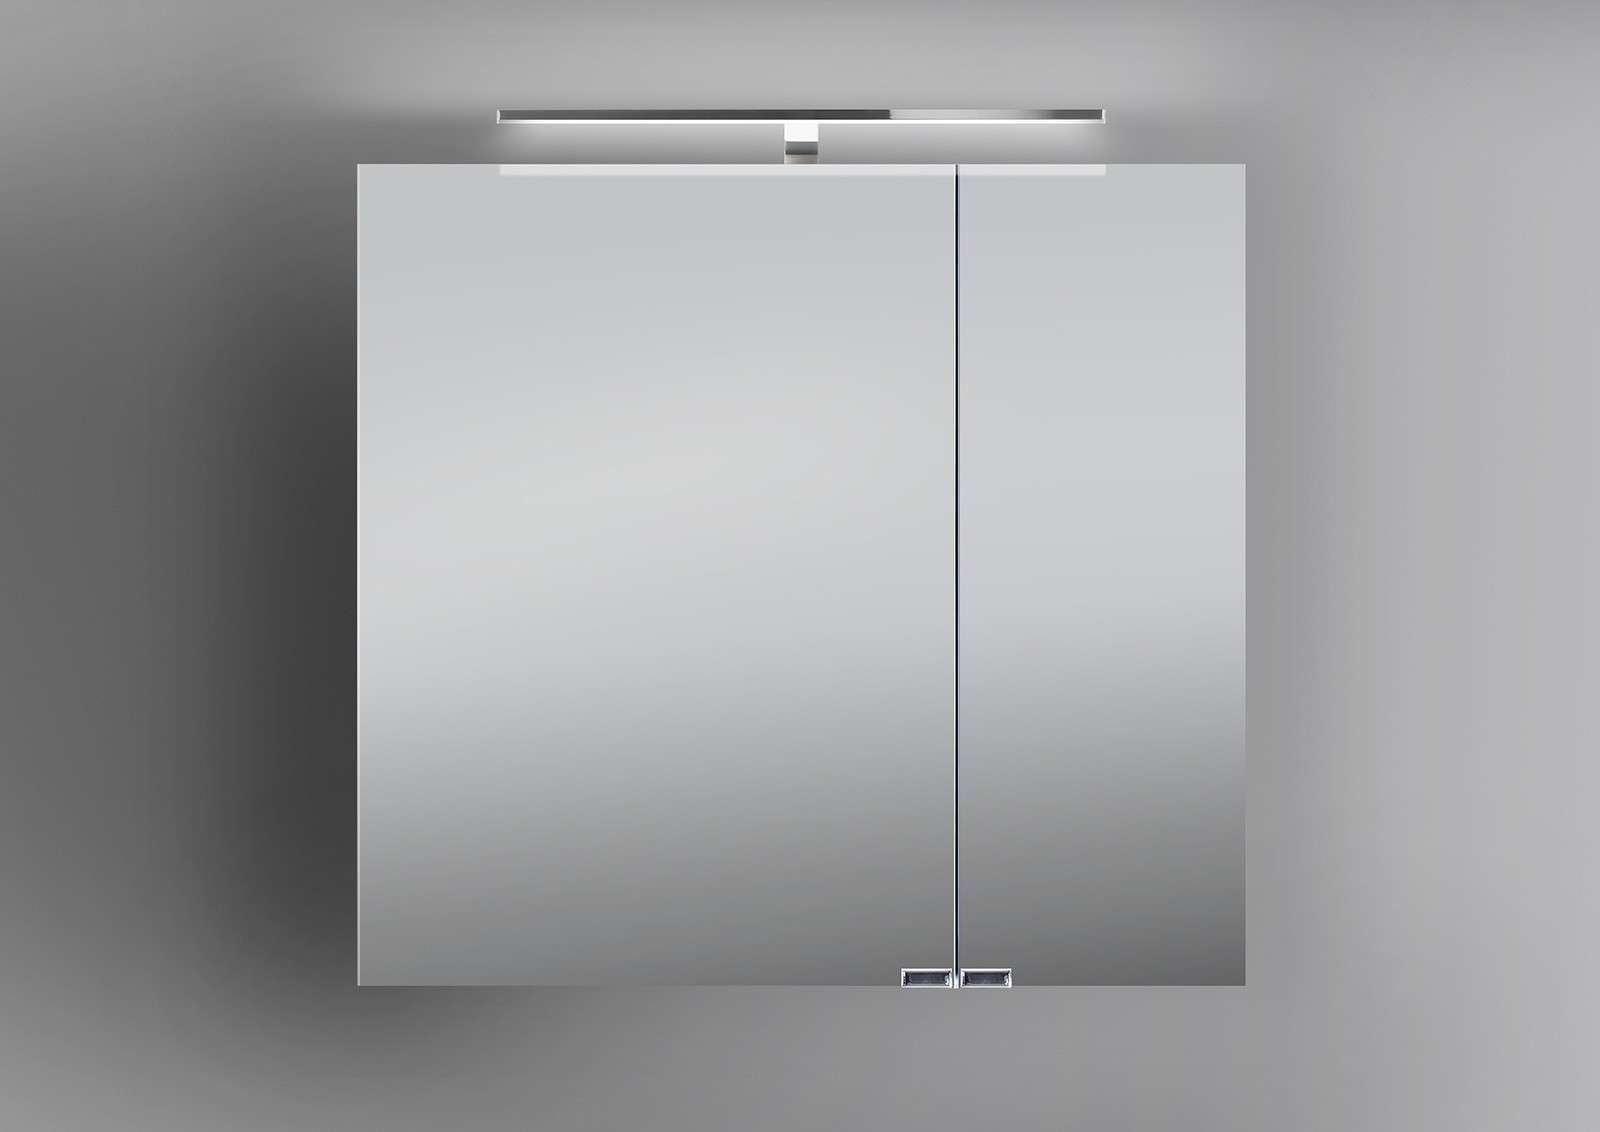 Komplett Neu Spiegelschrank Bad 70 cm LED Beleuchtung doppelt verspiegelt  WP36